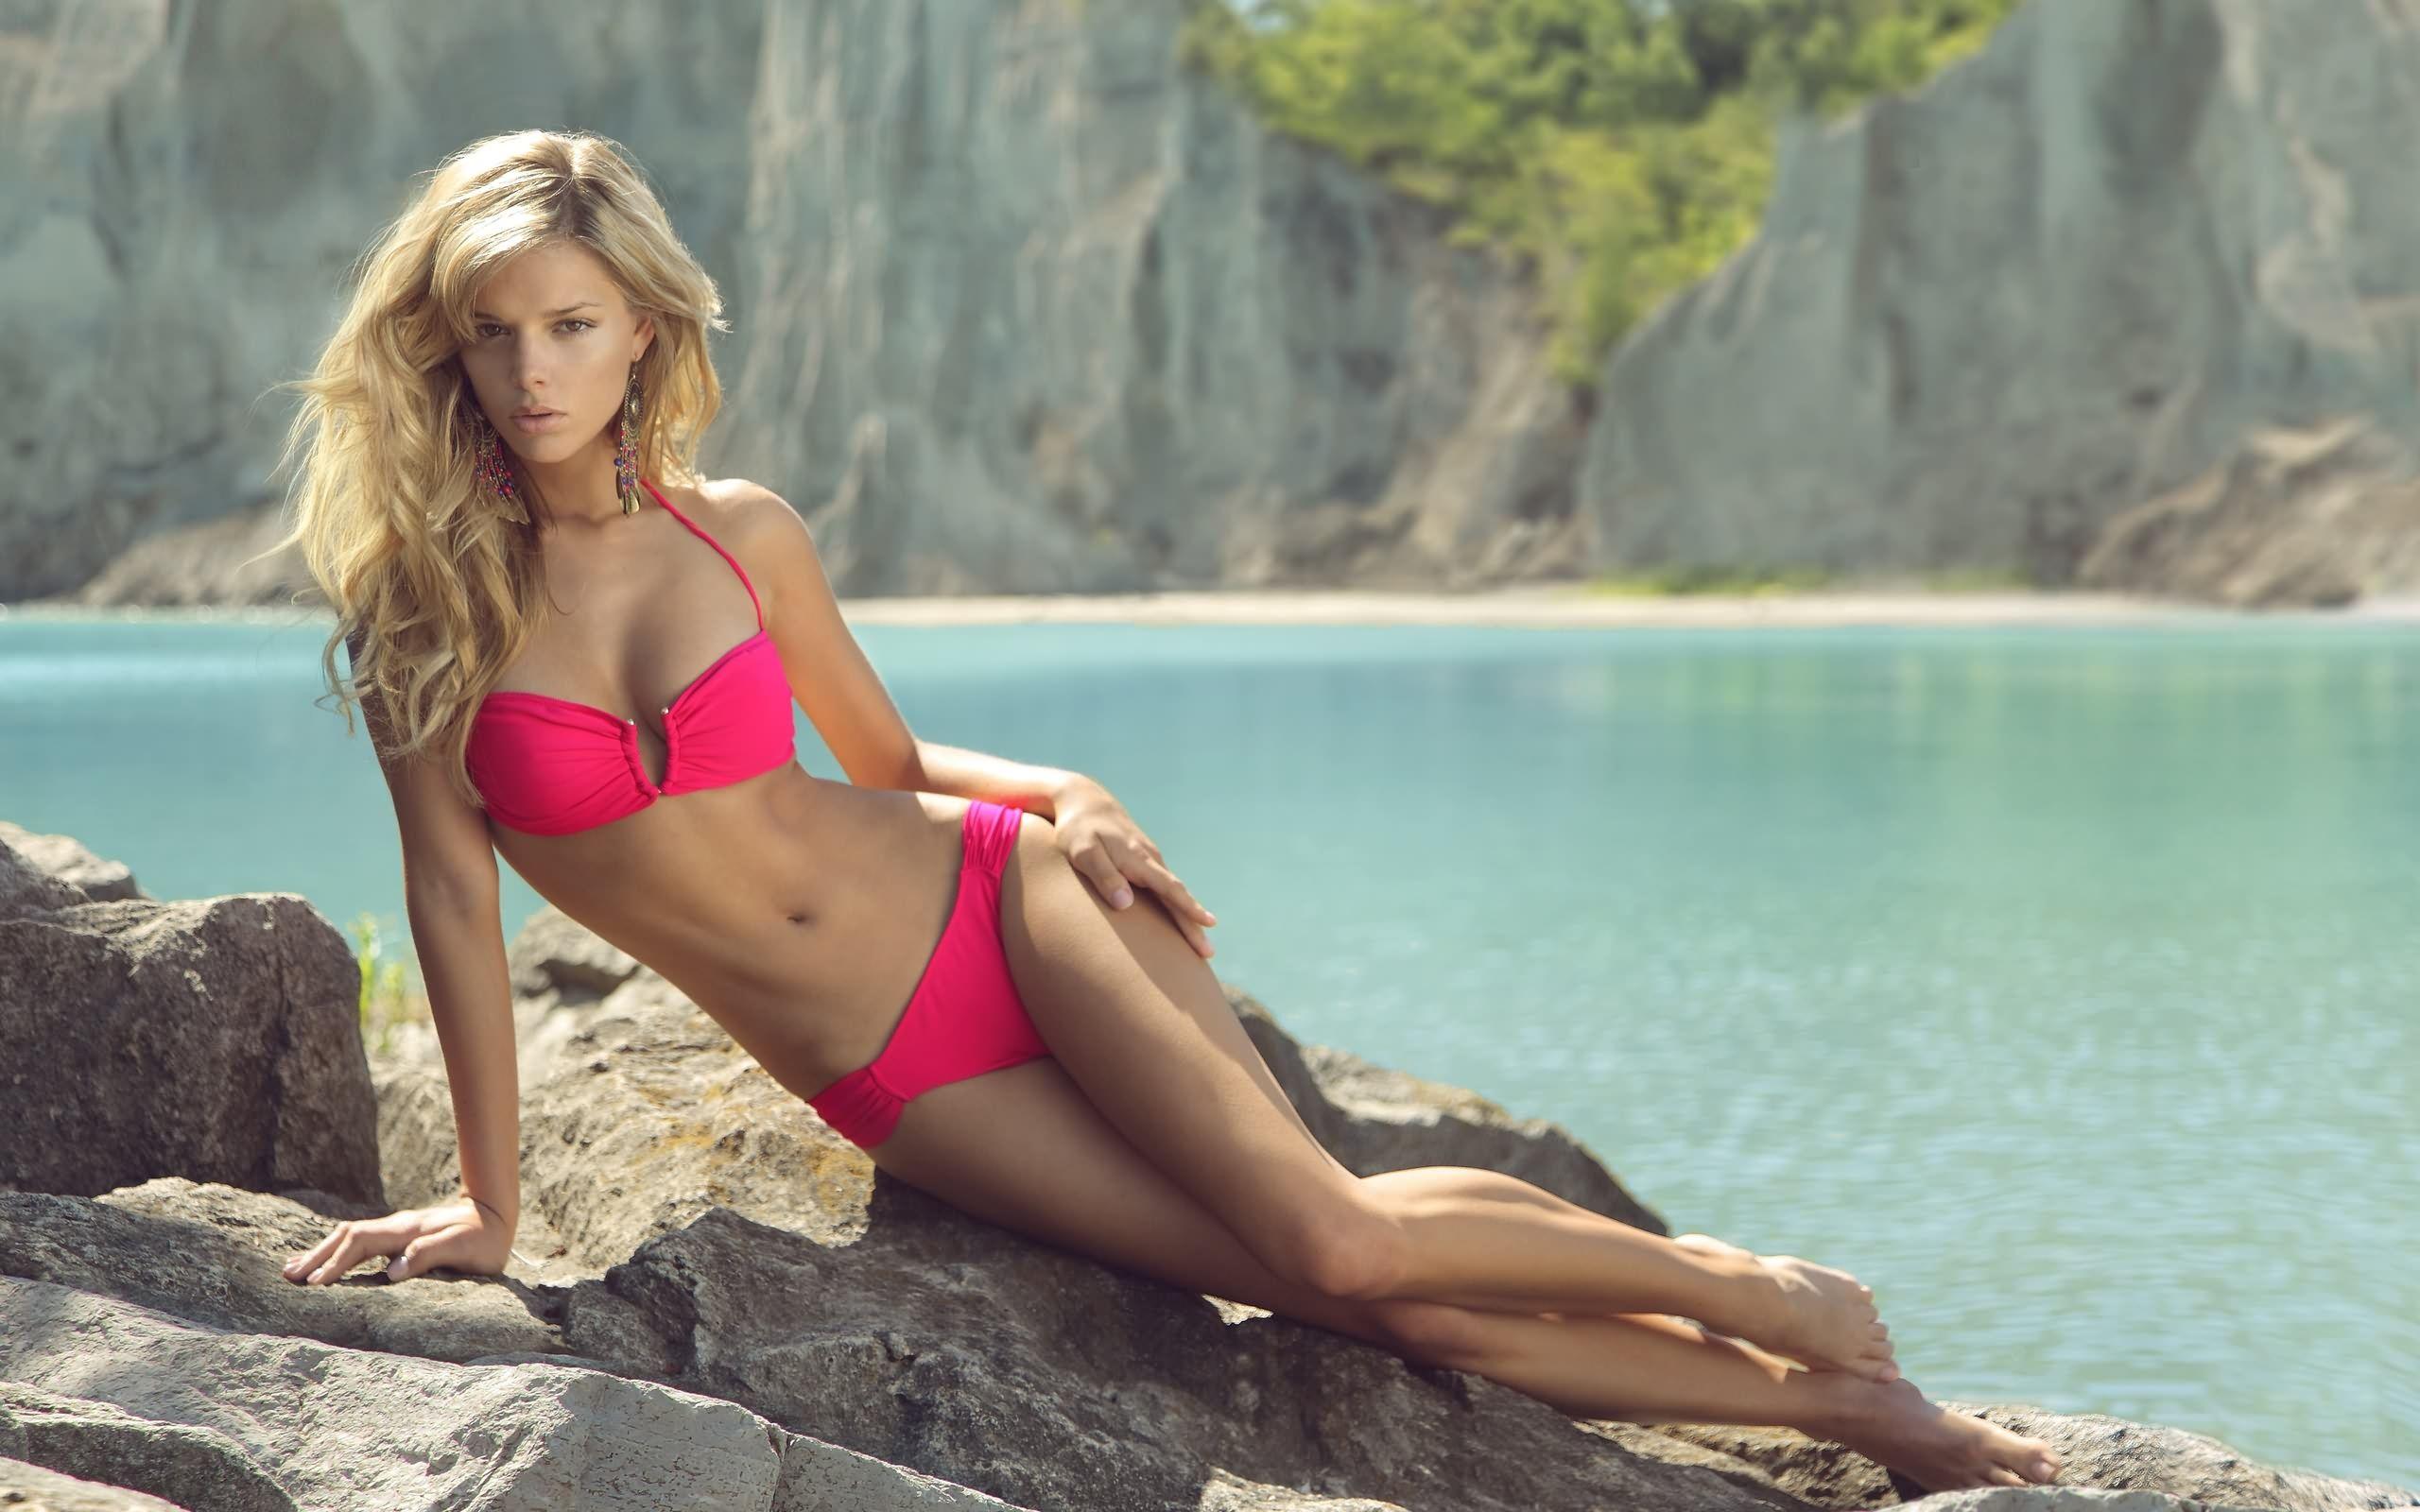 Bikini beautiful women wallpaper